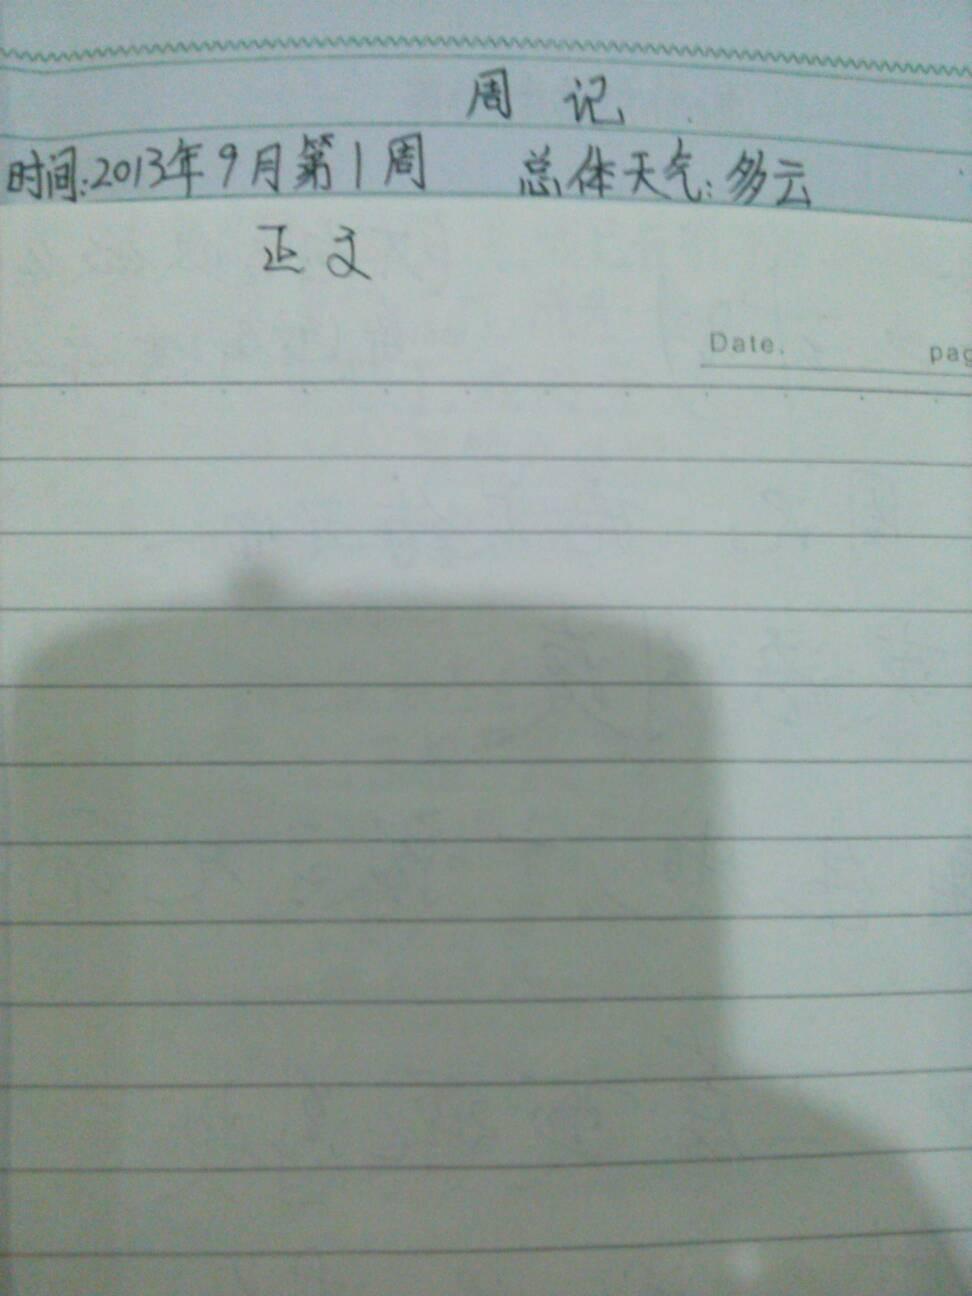 """周记题目_有主题的周记格式怎么写?第一行写""""周记""""还是写题目?_百度 ..."""